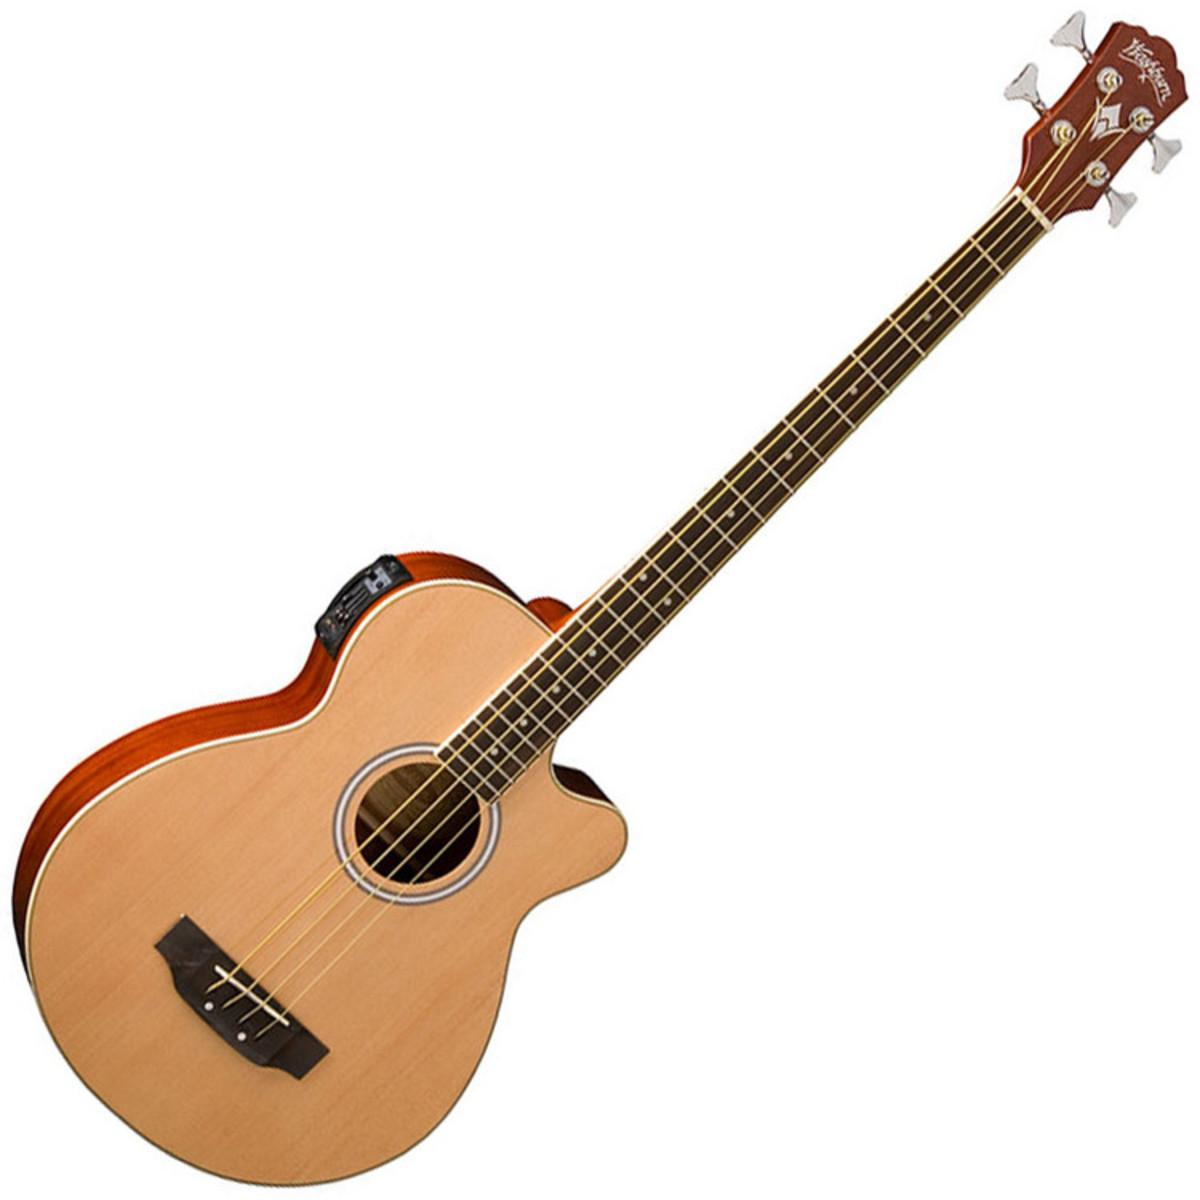 Washburn AB5N Electro Acoustic Bass Guitar Natural At